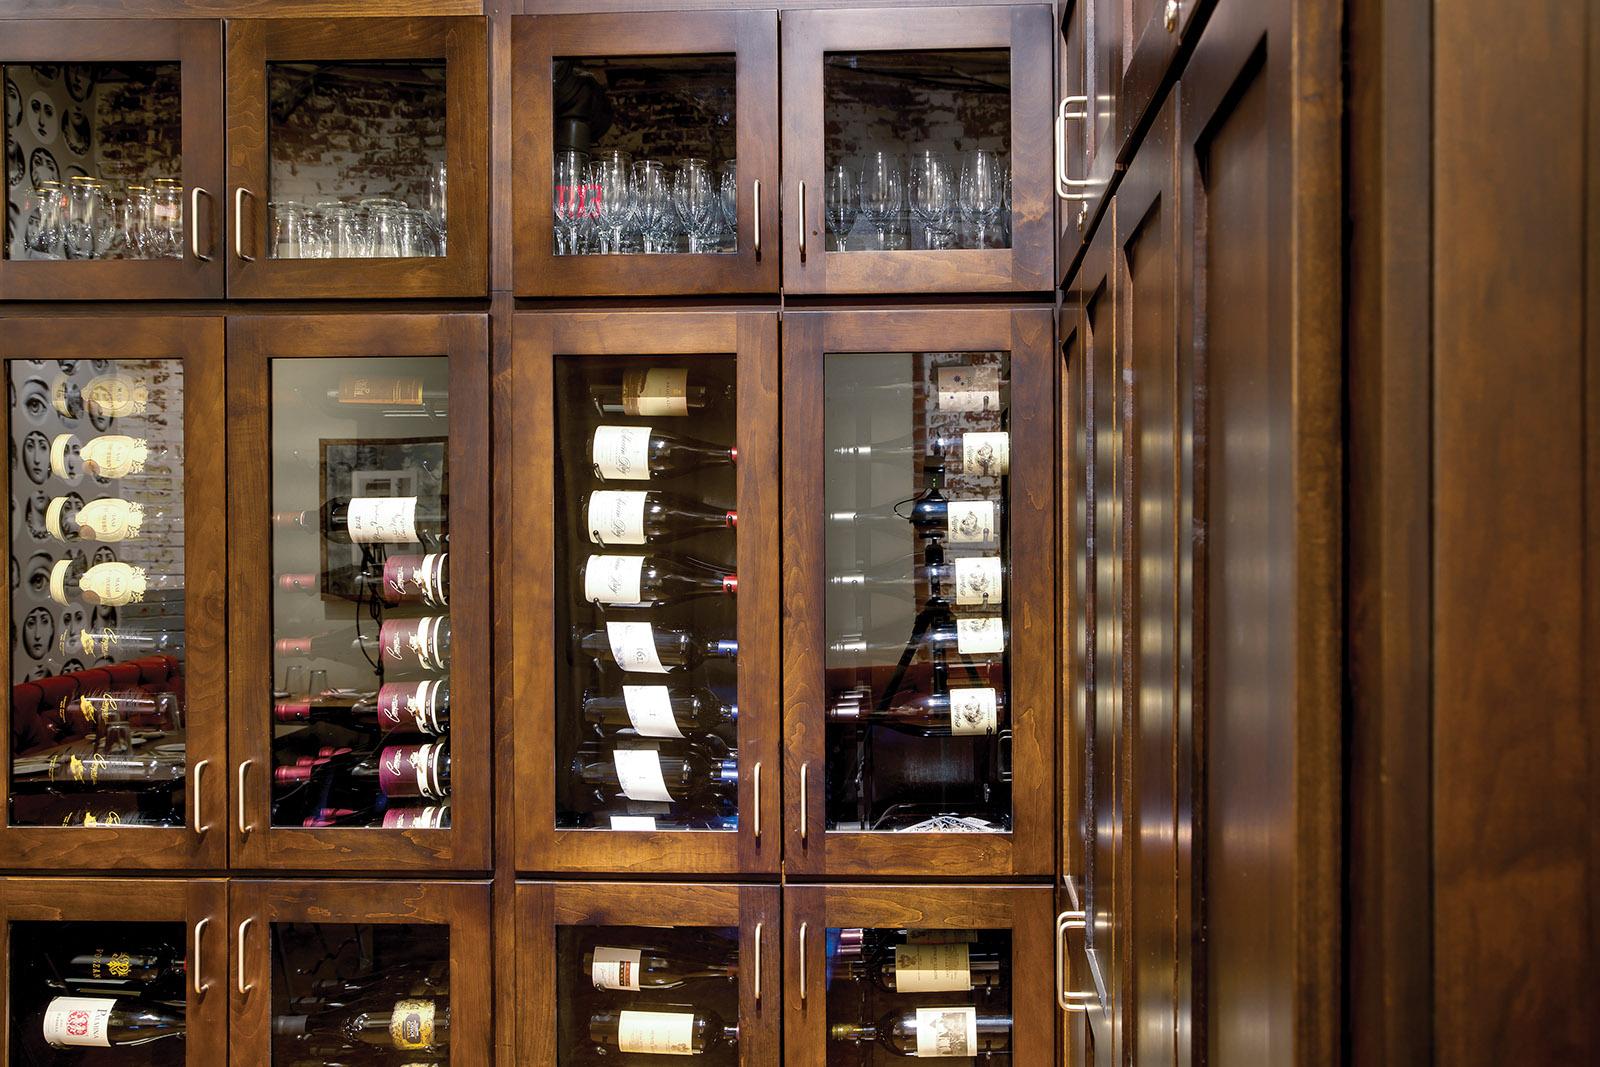 STELLA RESTAURANT: WINE STORAGE CABINETRY CLOSE-UP